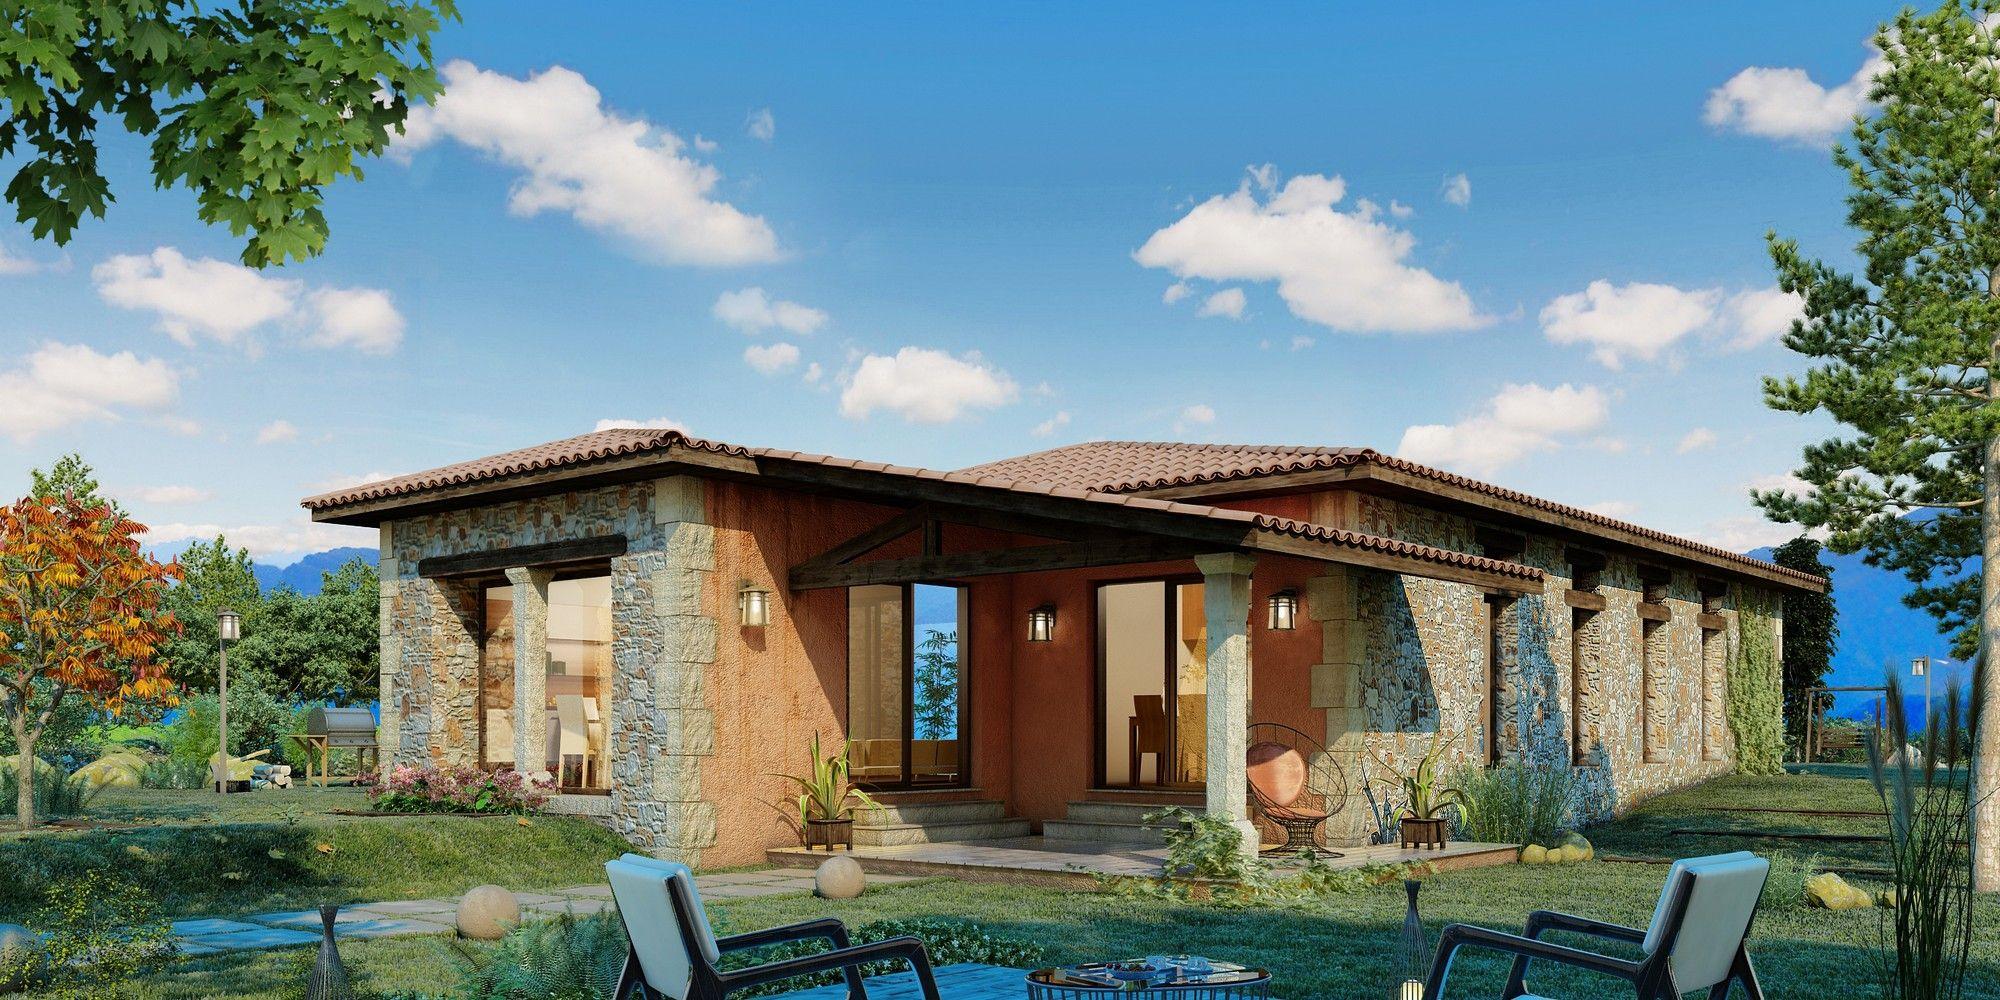 Casas modernas planos proyectos y construccion de casas - Construccion casas rusticas ...